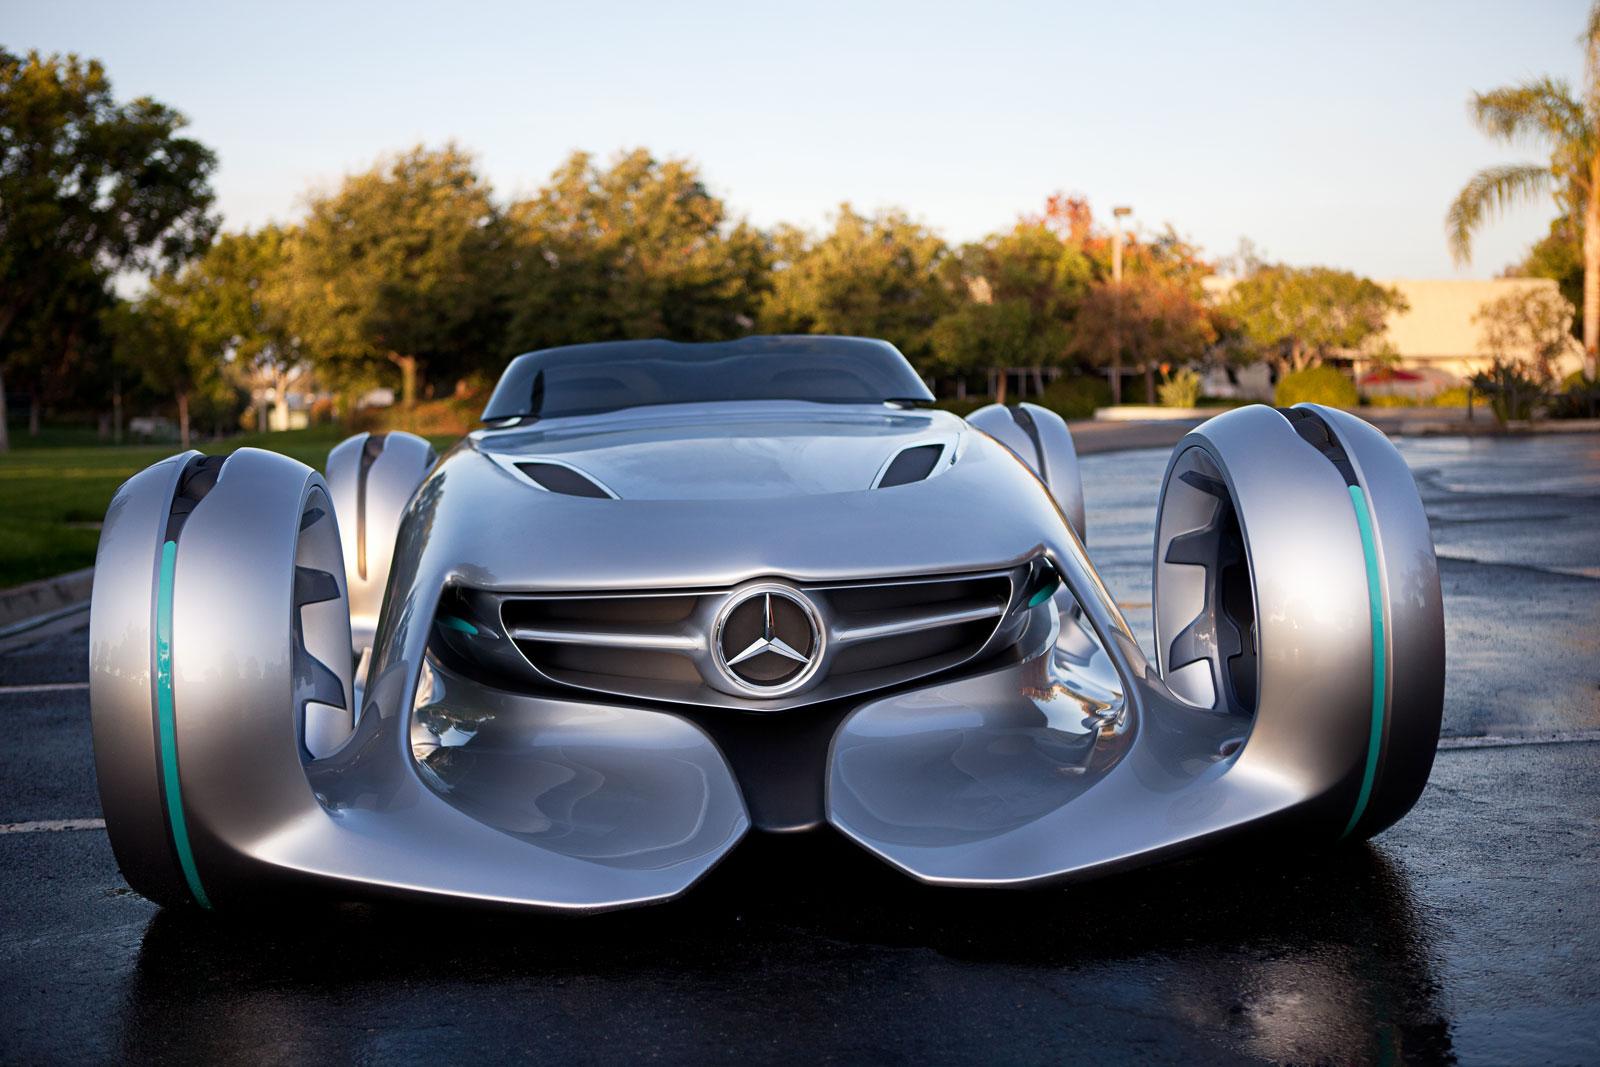 Ирреальный концепт Mercedes-Benz Silver Arrow